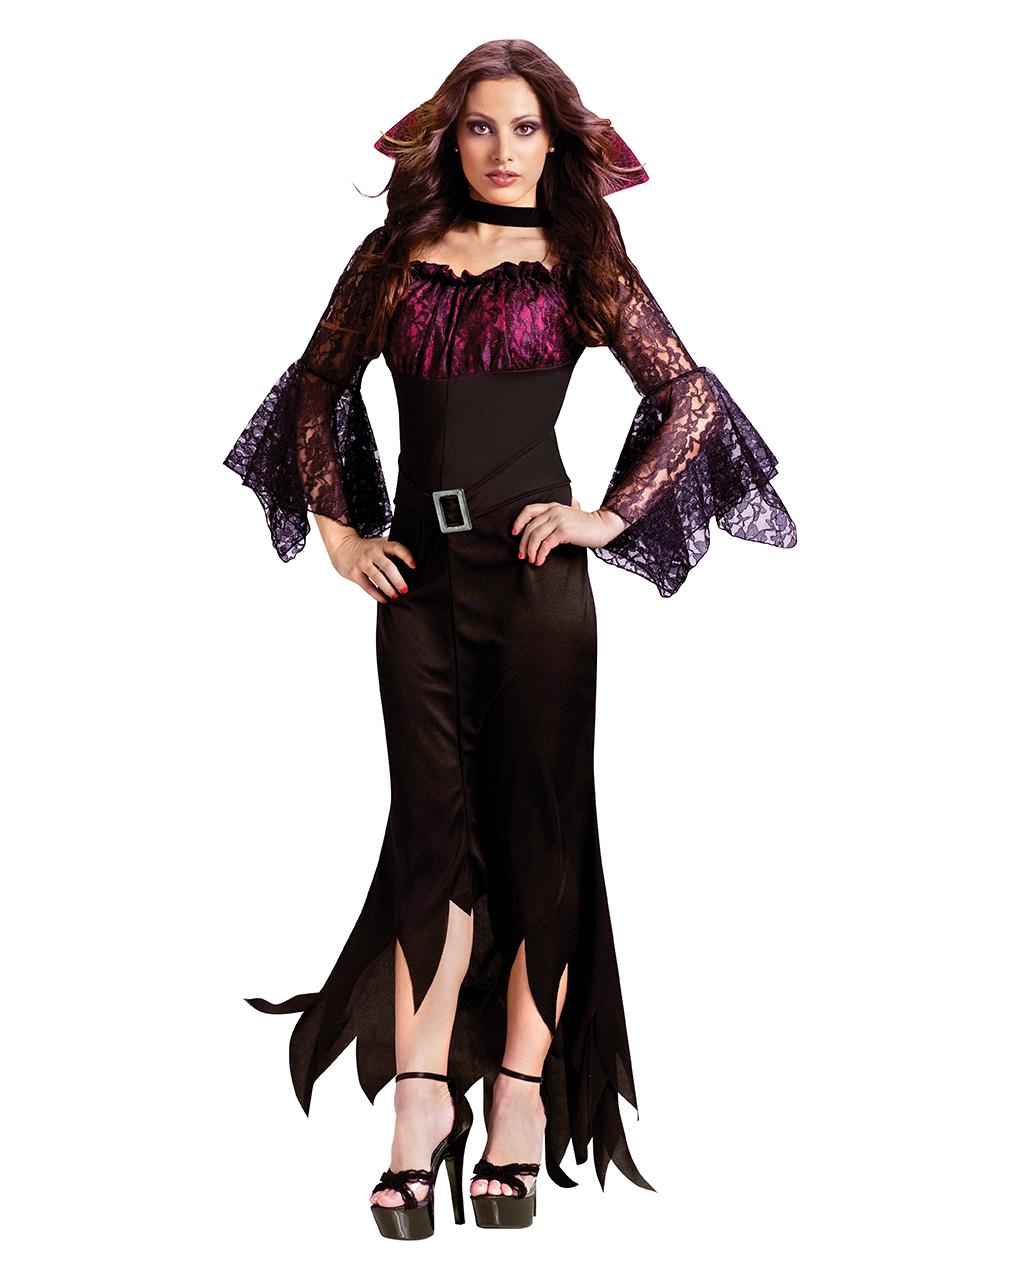 der Verkauf von Schuhen preisreduziert feinste Auswahl Gothic Vampir Kostüm für Frauen